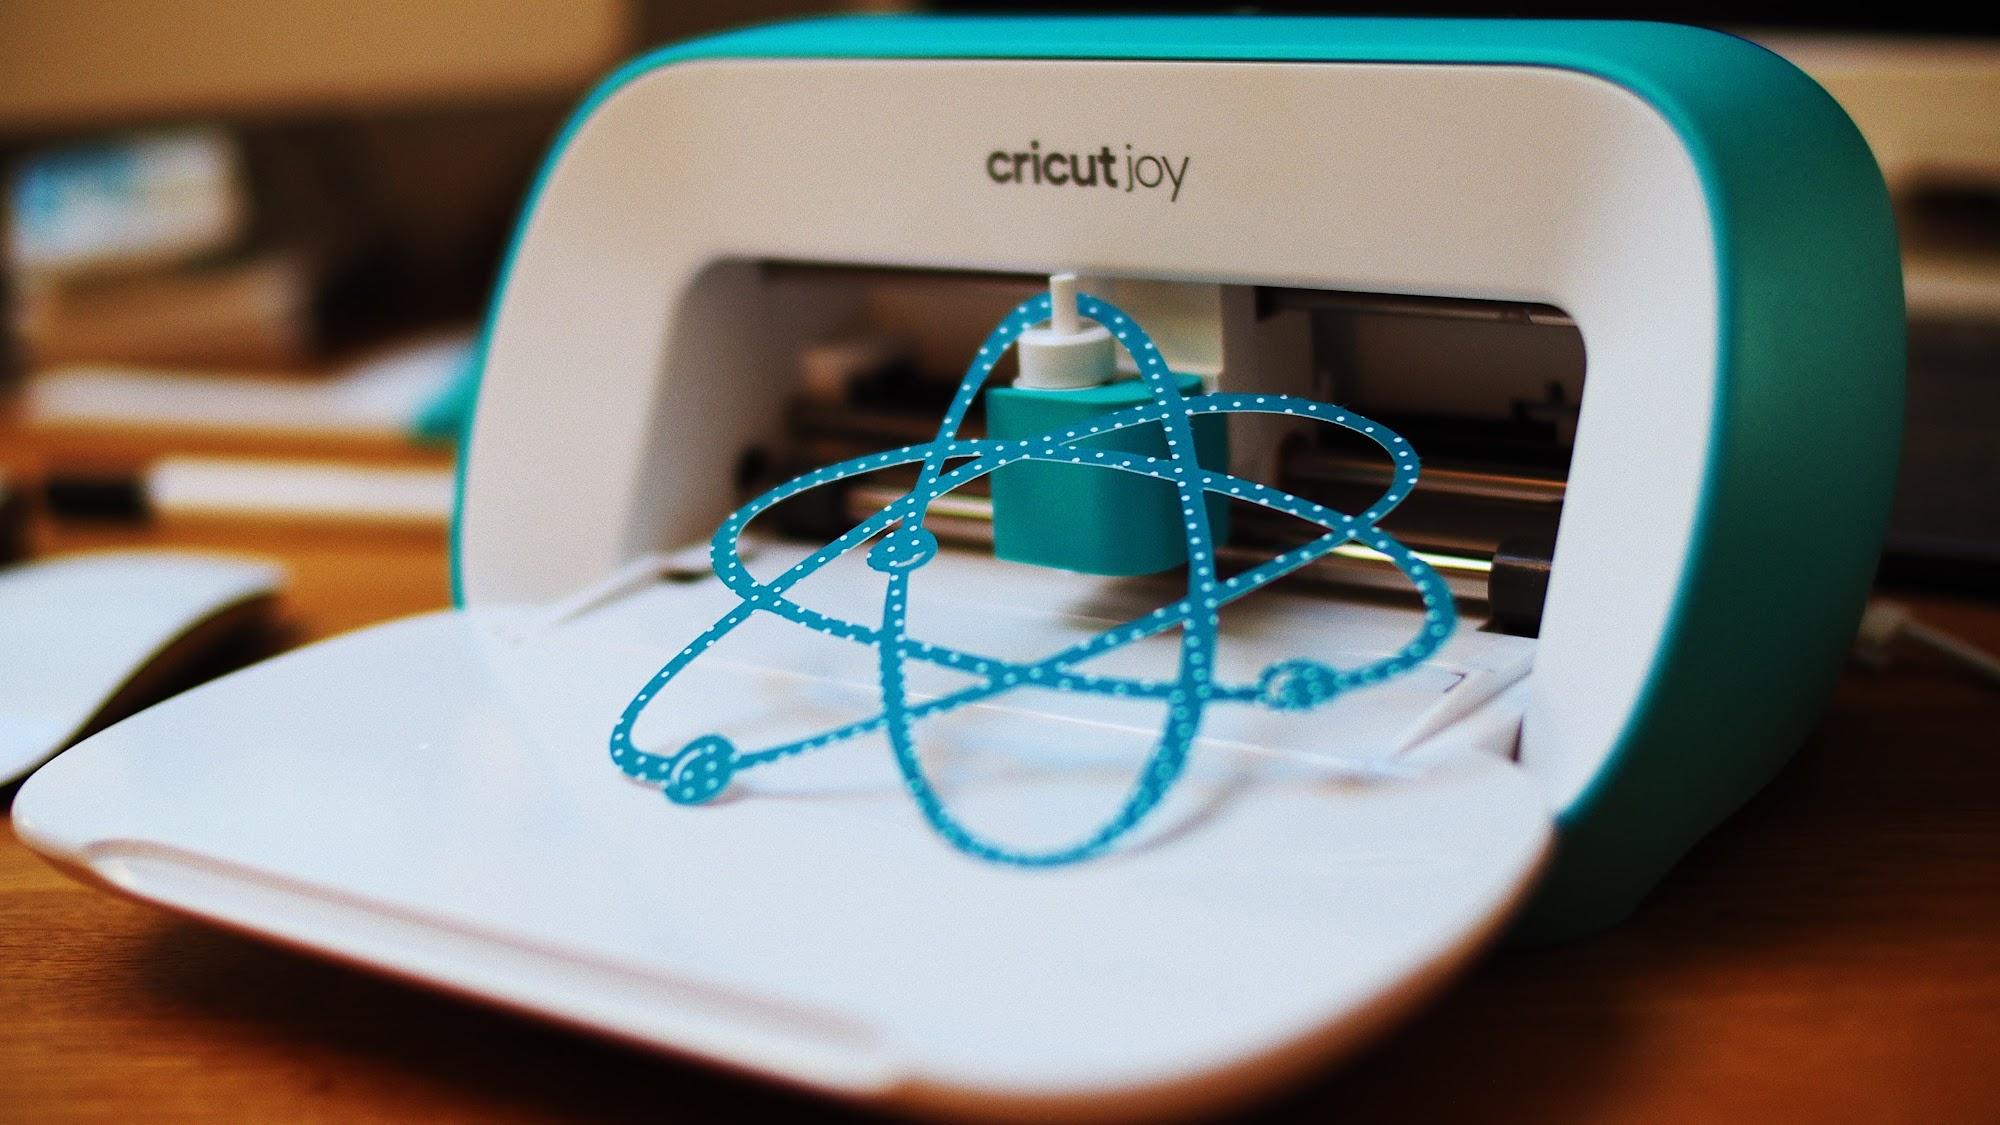 Cricut Joy - Ich stelle meine Aufkleber nun selbst her | DIY Gadget für Vinyl und Papier - Teil 1